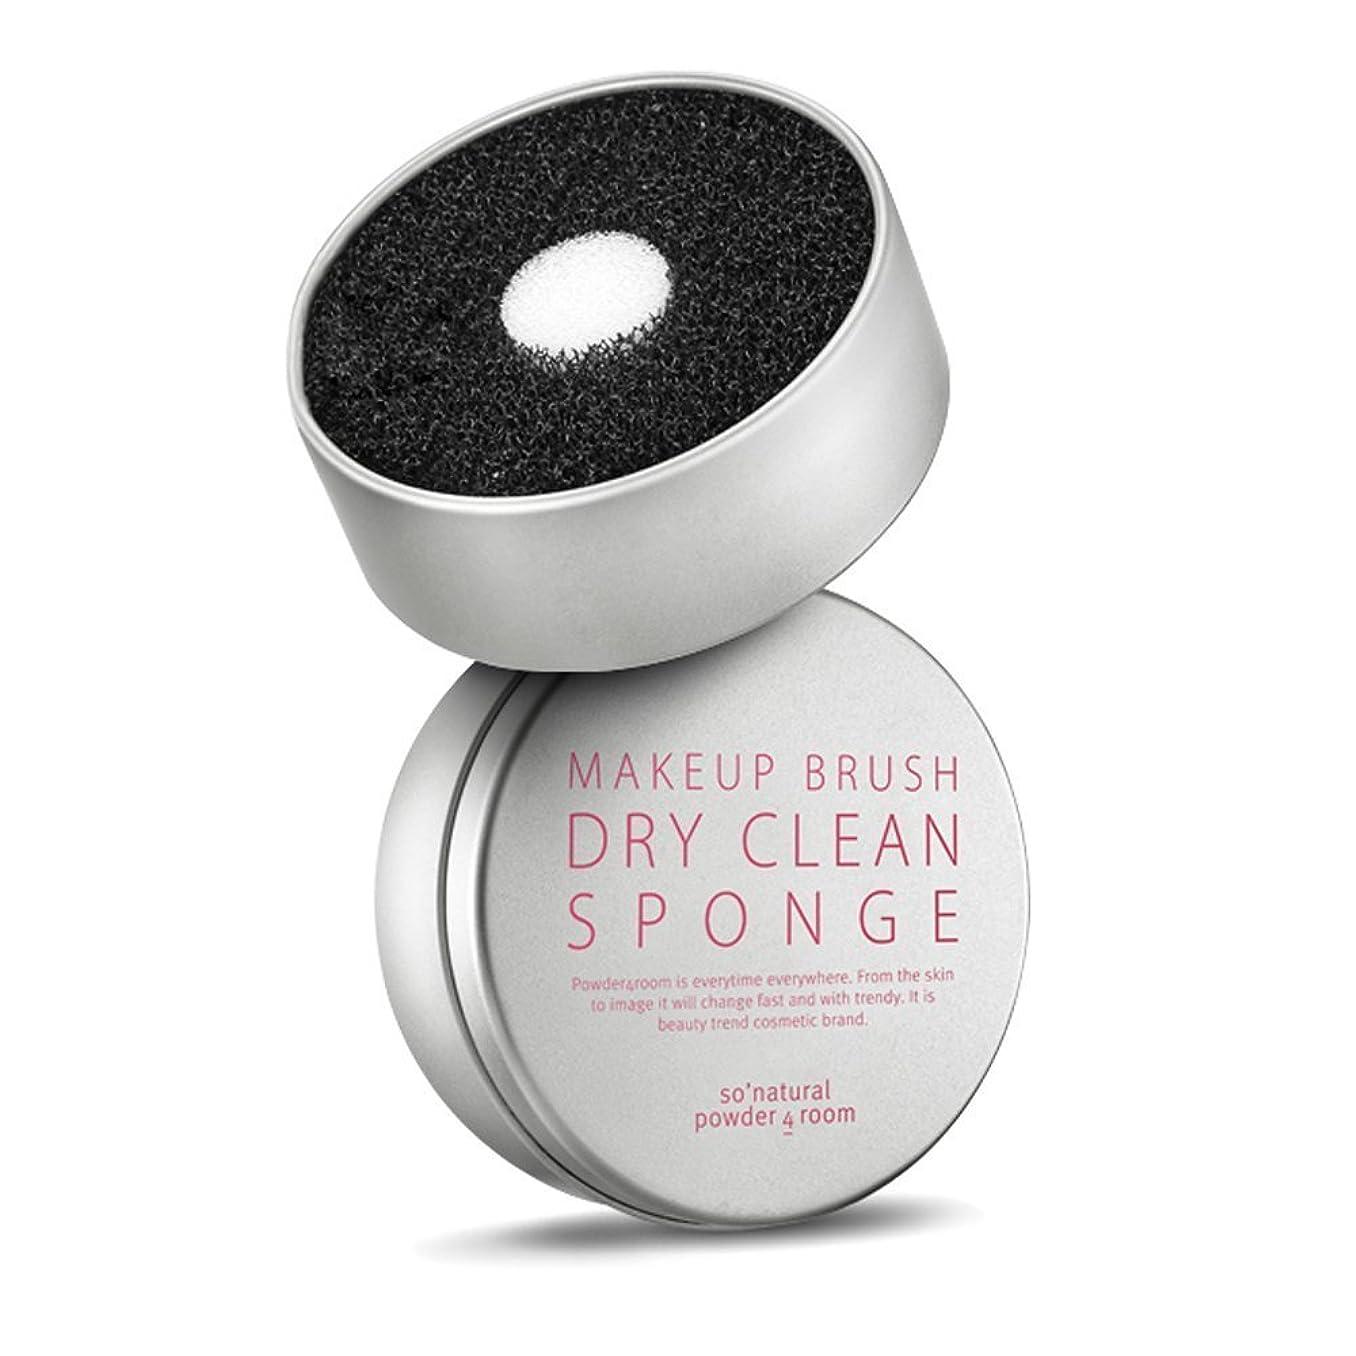 委任滅びる流暢ソーナチュラル So Natural ドライブラシクリーンスポンジ Dry Clean Sponge 水が必要ないブラシクリーナスポンジ [並行輸入品]